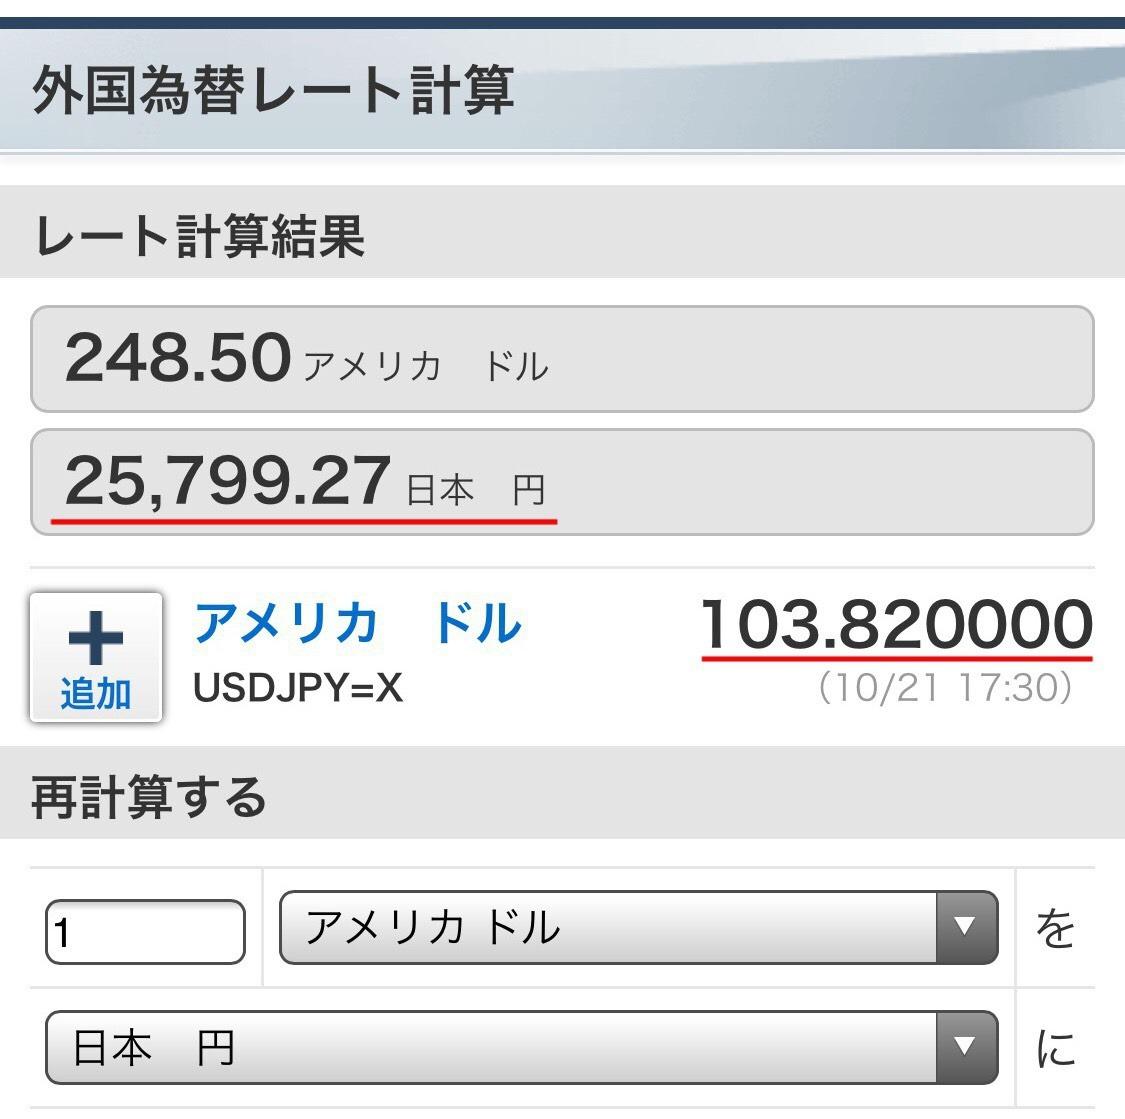 外国為替レート計算の写真